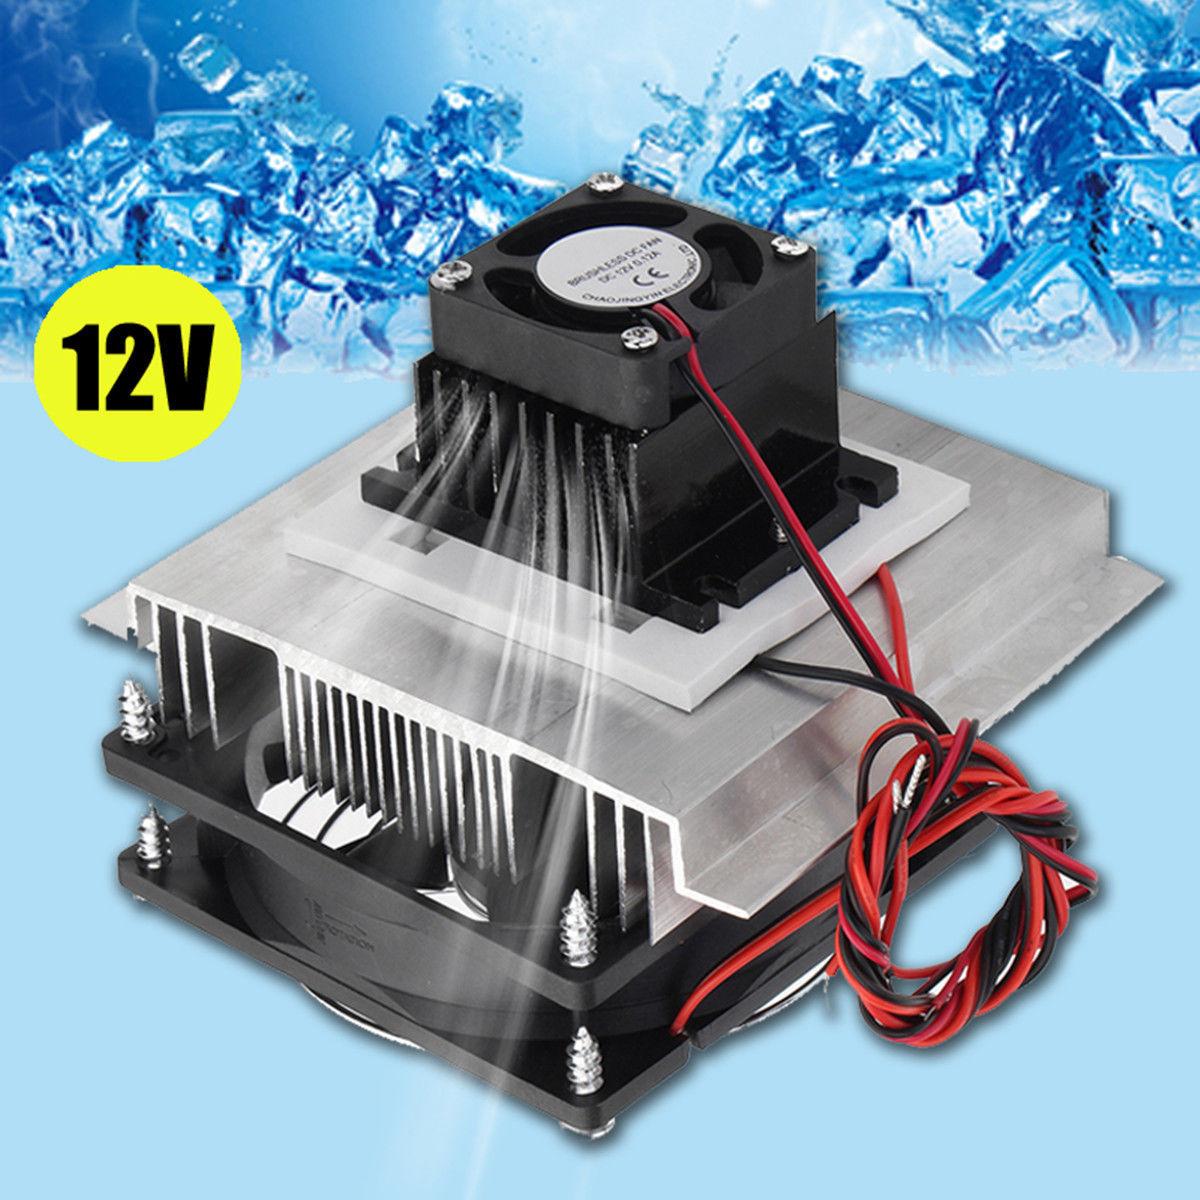 12V 6A Thermoelectric Peltier Refrigeration Cooling System Kit Cooler 5 pcs qdzh35g r134a 12v cooling compressor for marine refrigeration unit